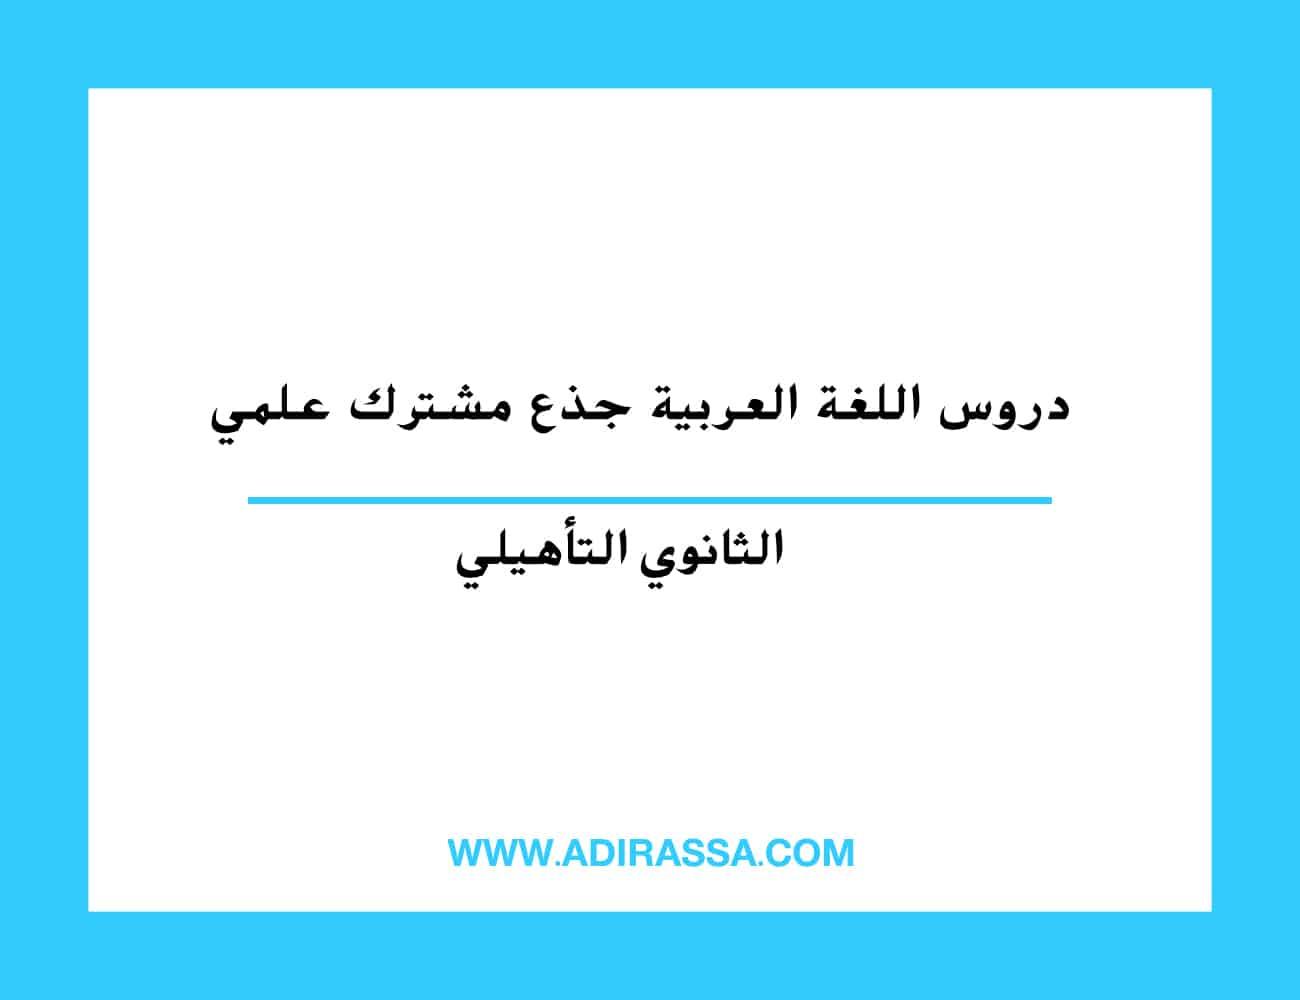 دروس اللغة العربية جذع مشترك علمي المقررة بالمدرسة المغربية